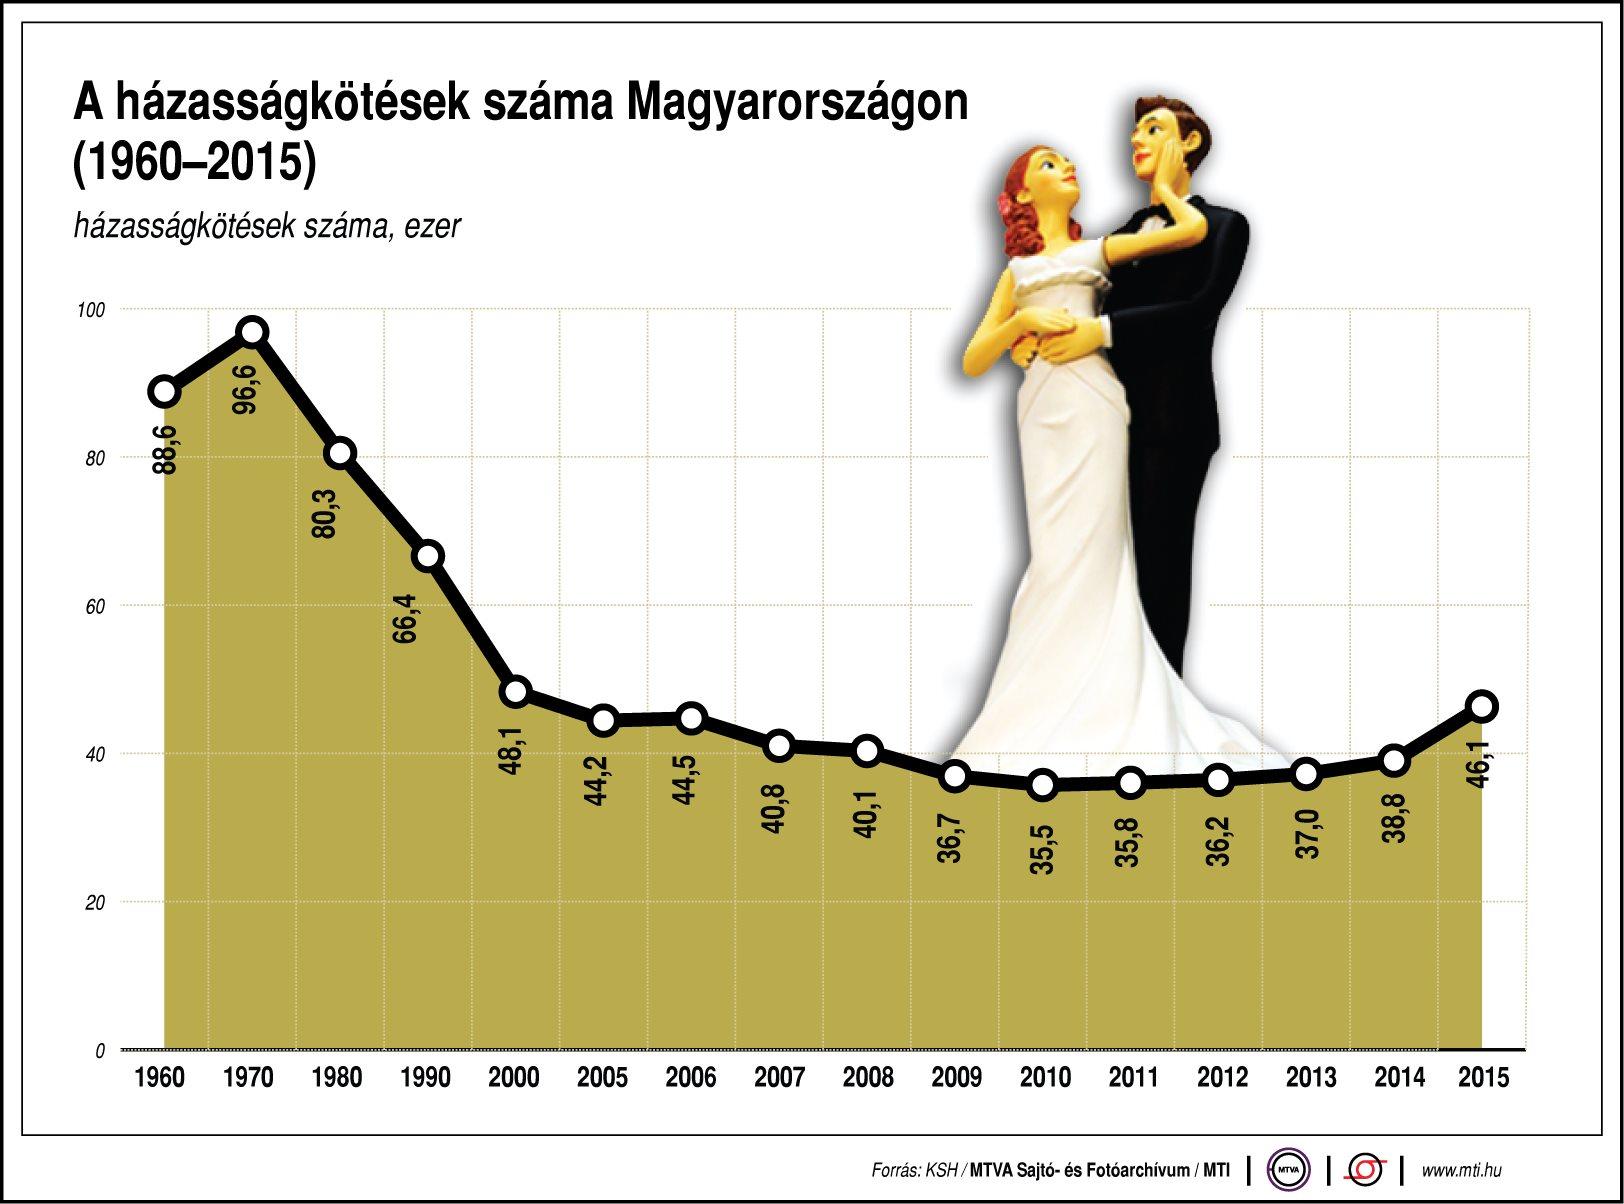 Ennyien házasodnak Magyarországon - ábra